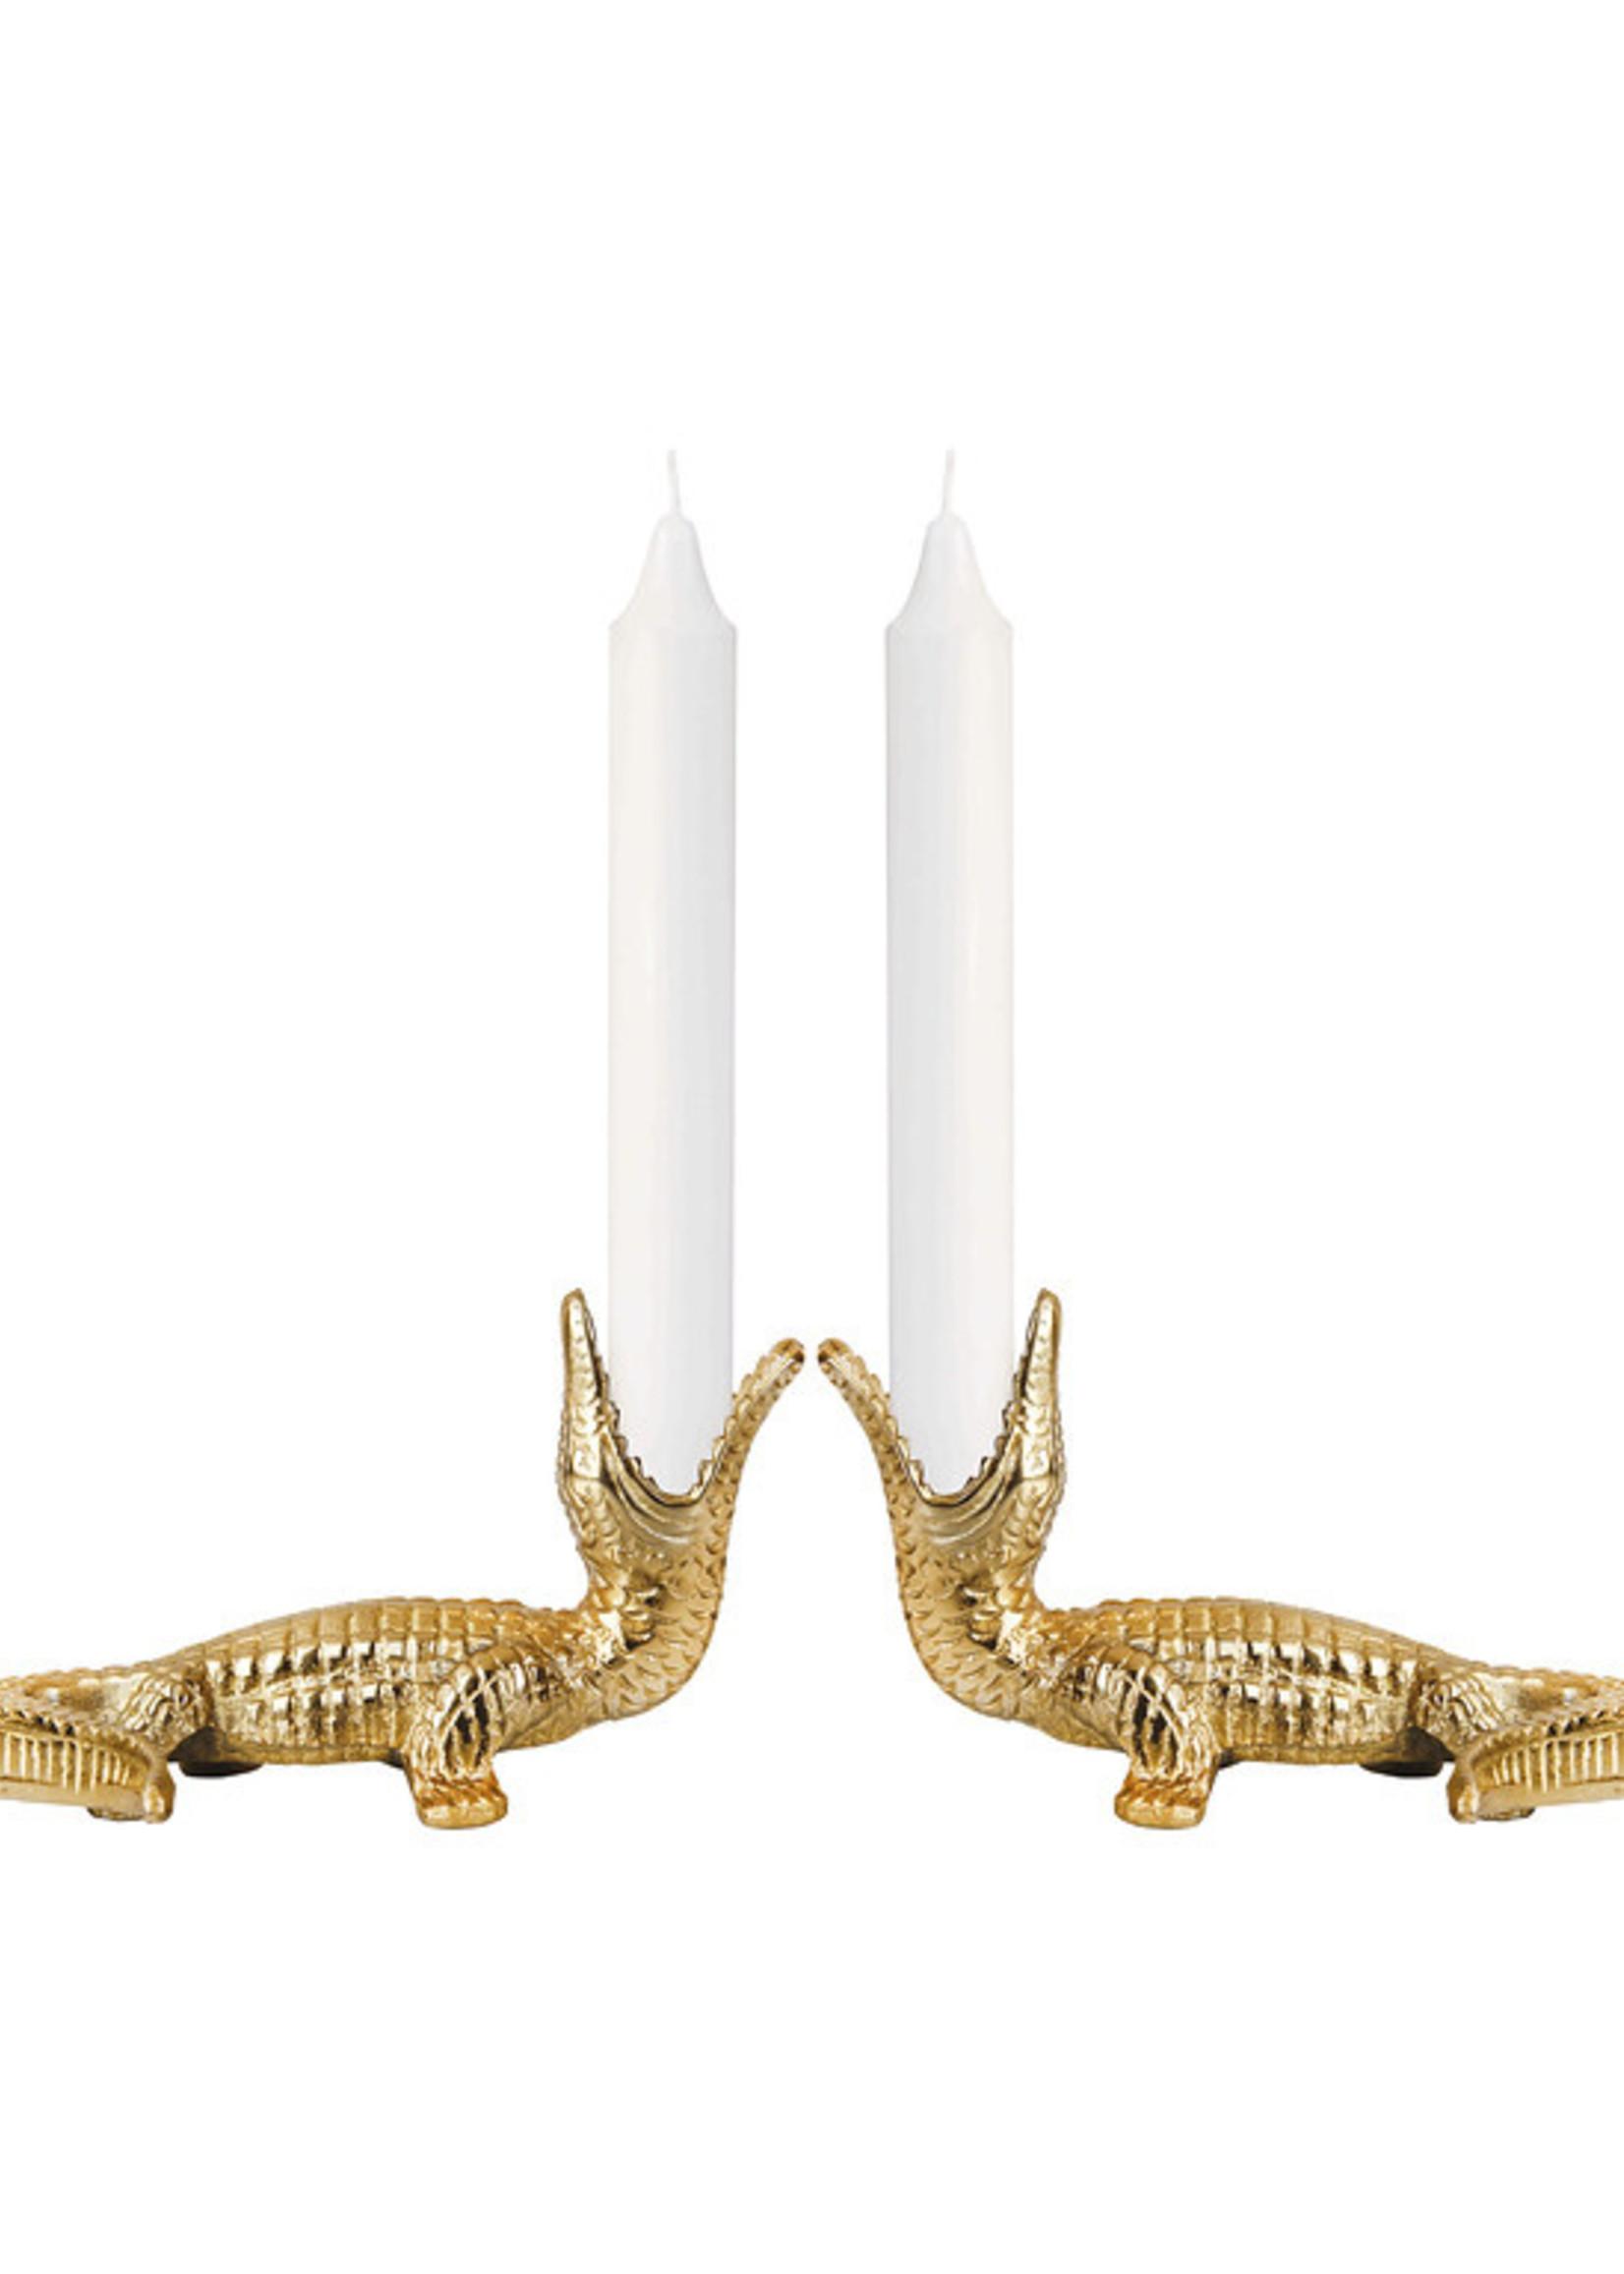 &Klevering Crocodile candle holder - links